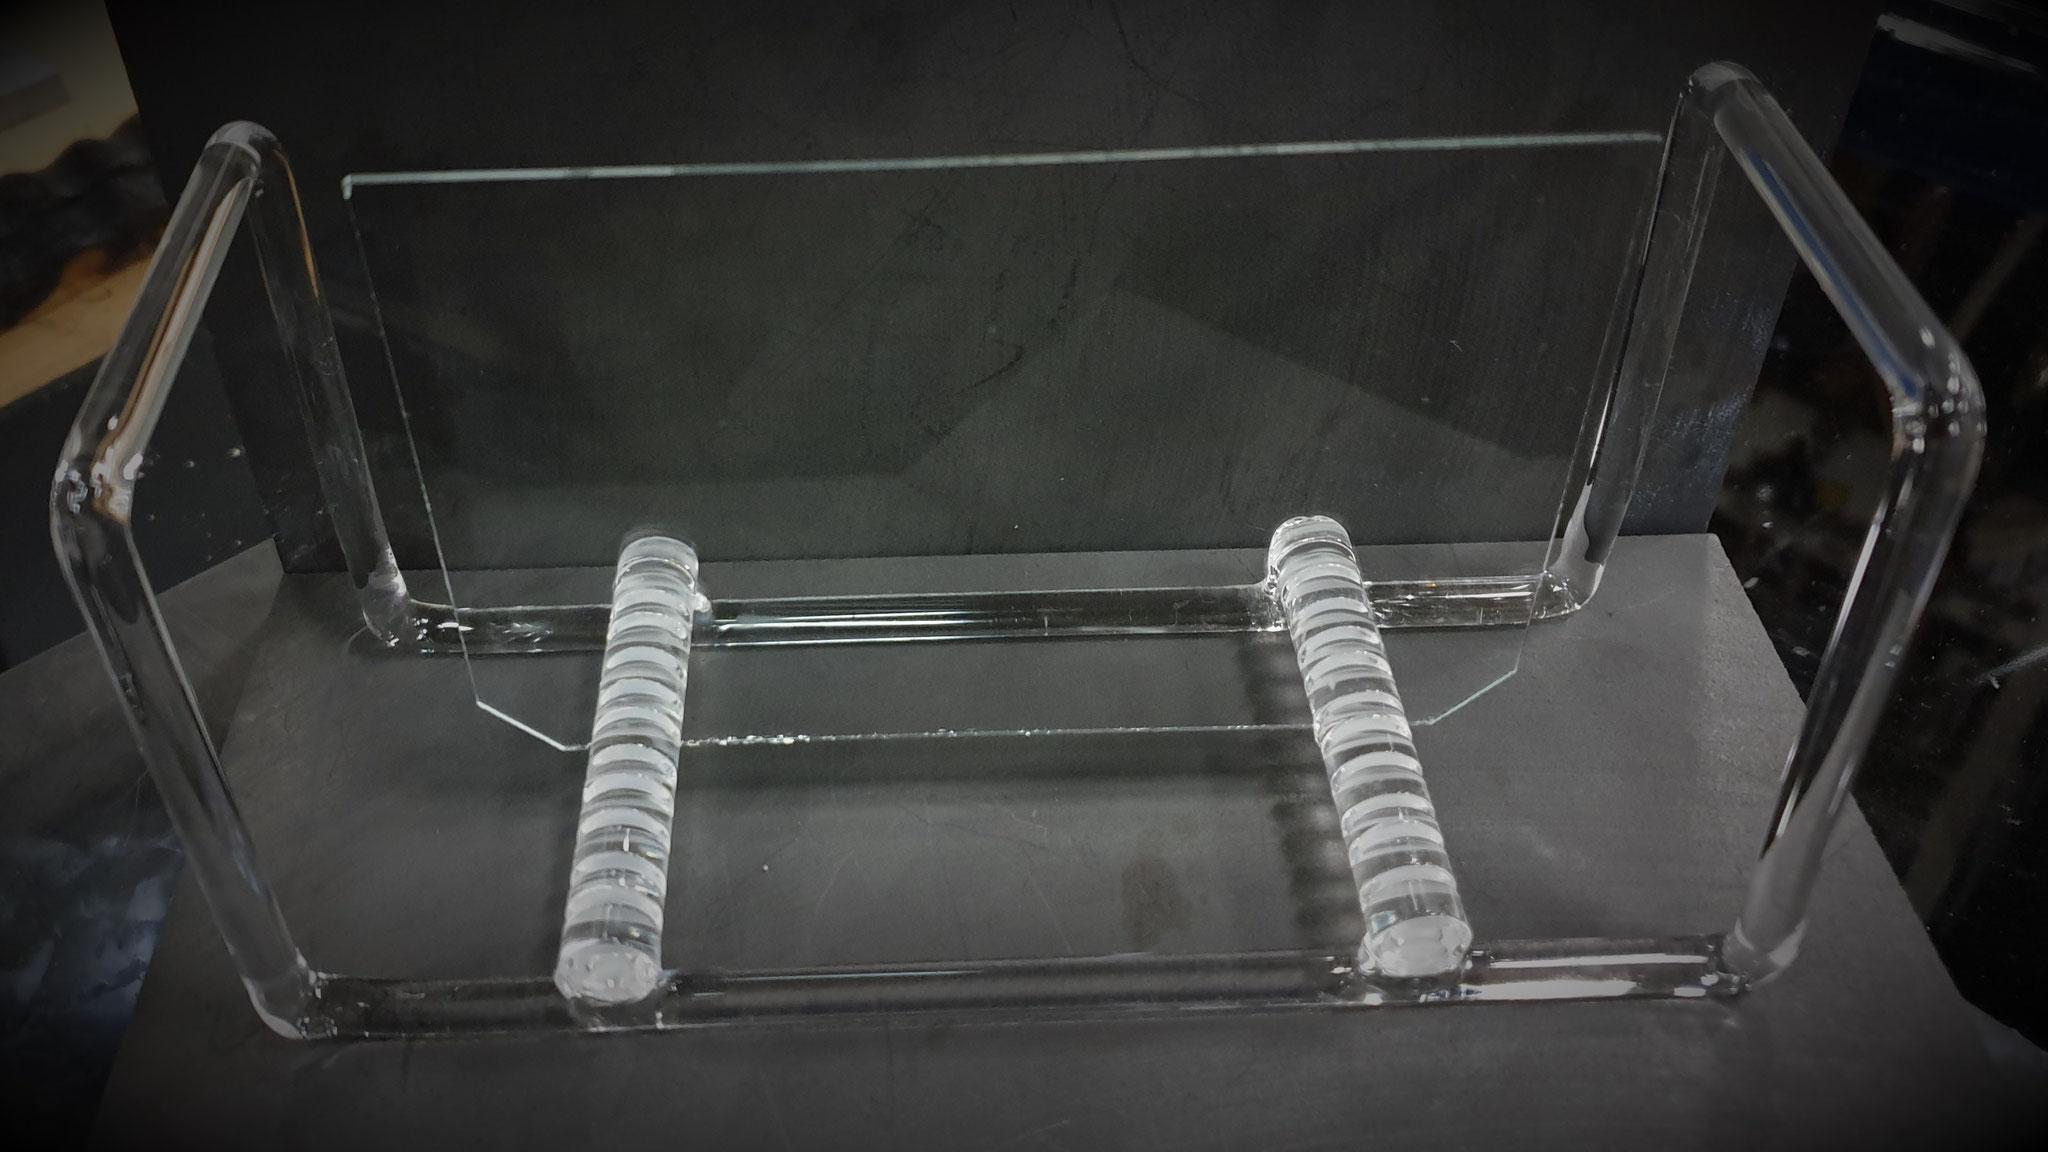 Waferholder, quartzglass